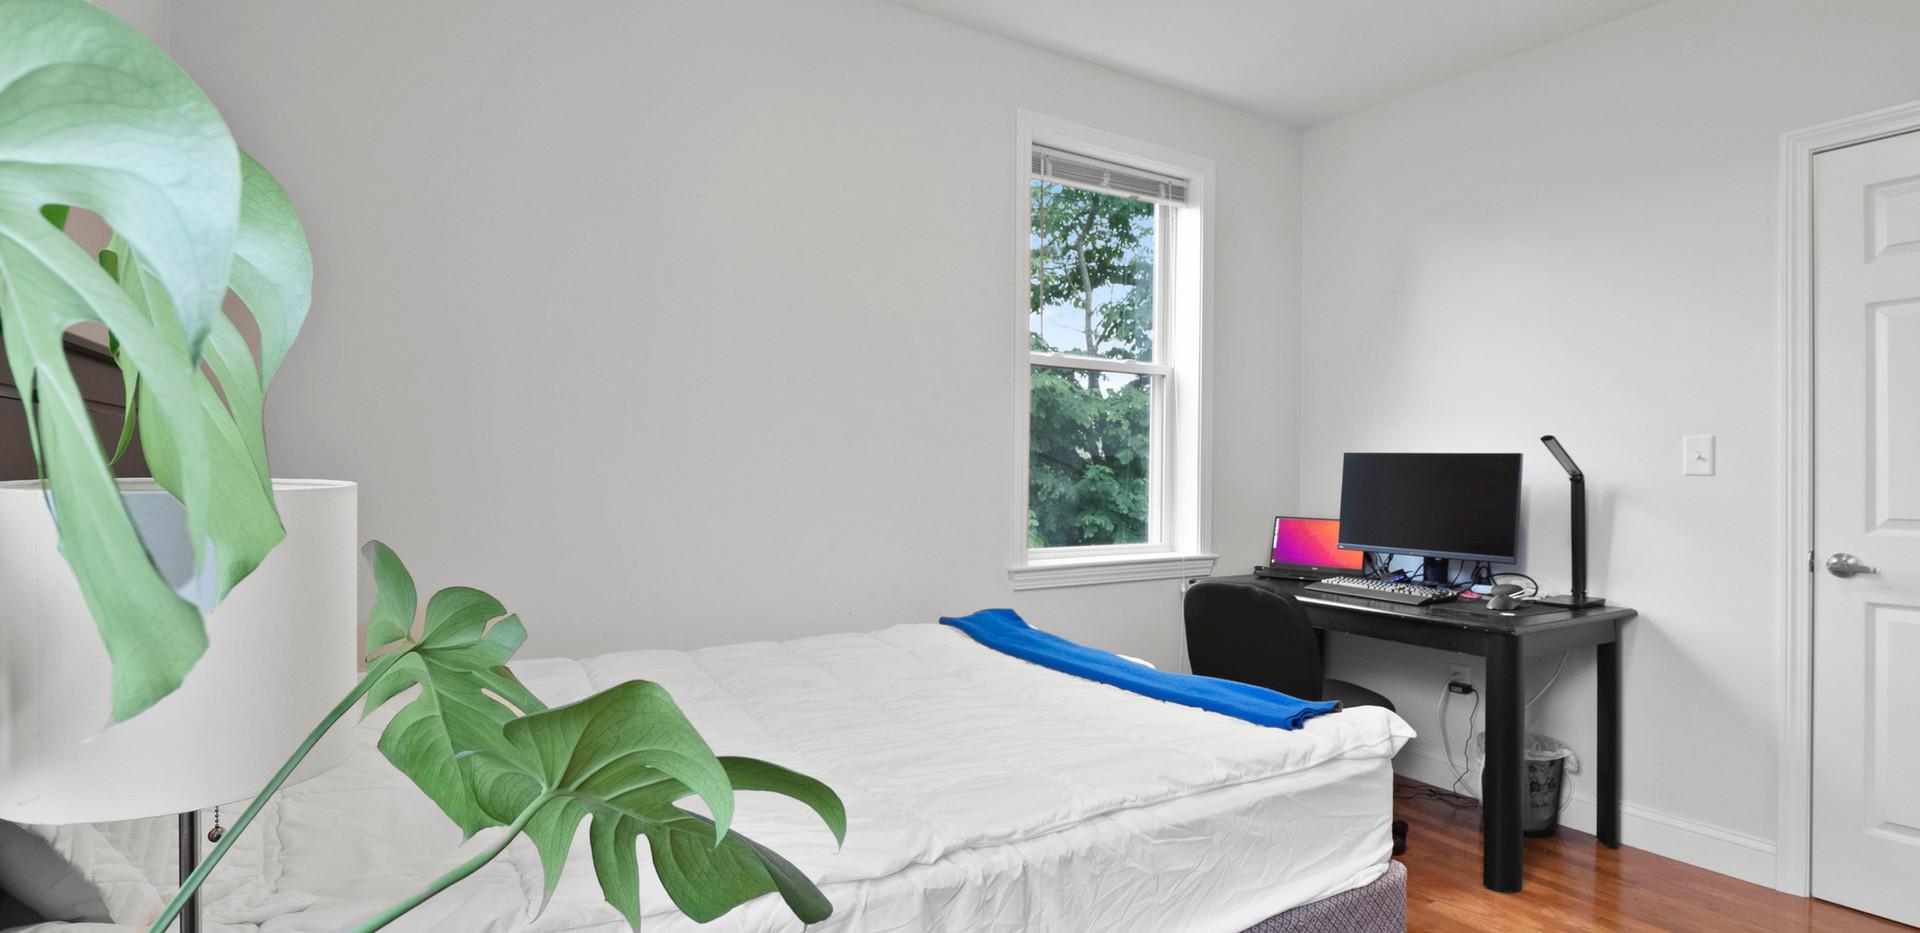 23_Washington_2_Bedroom_E_Photo2.JPG